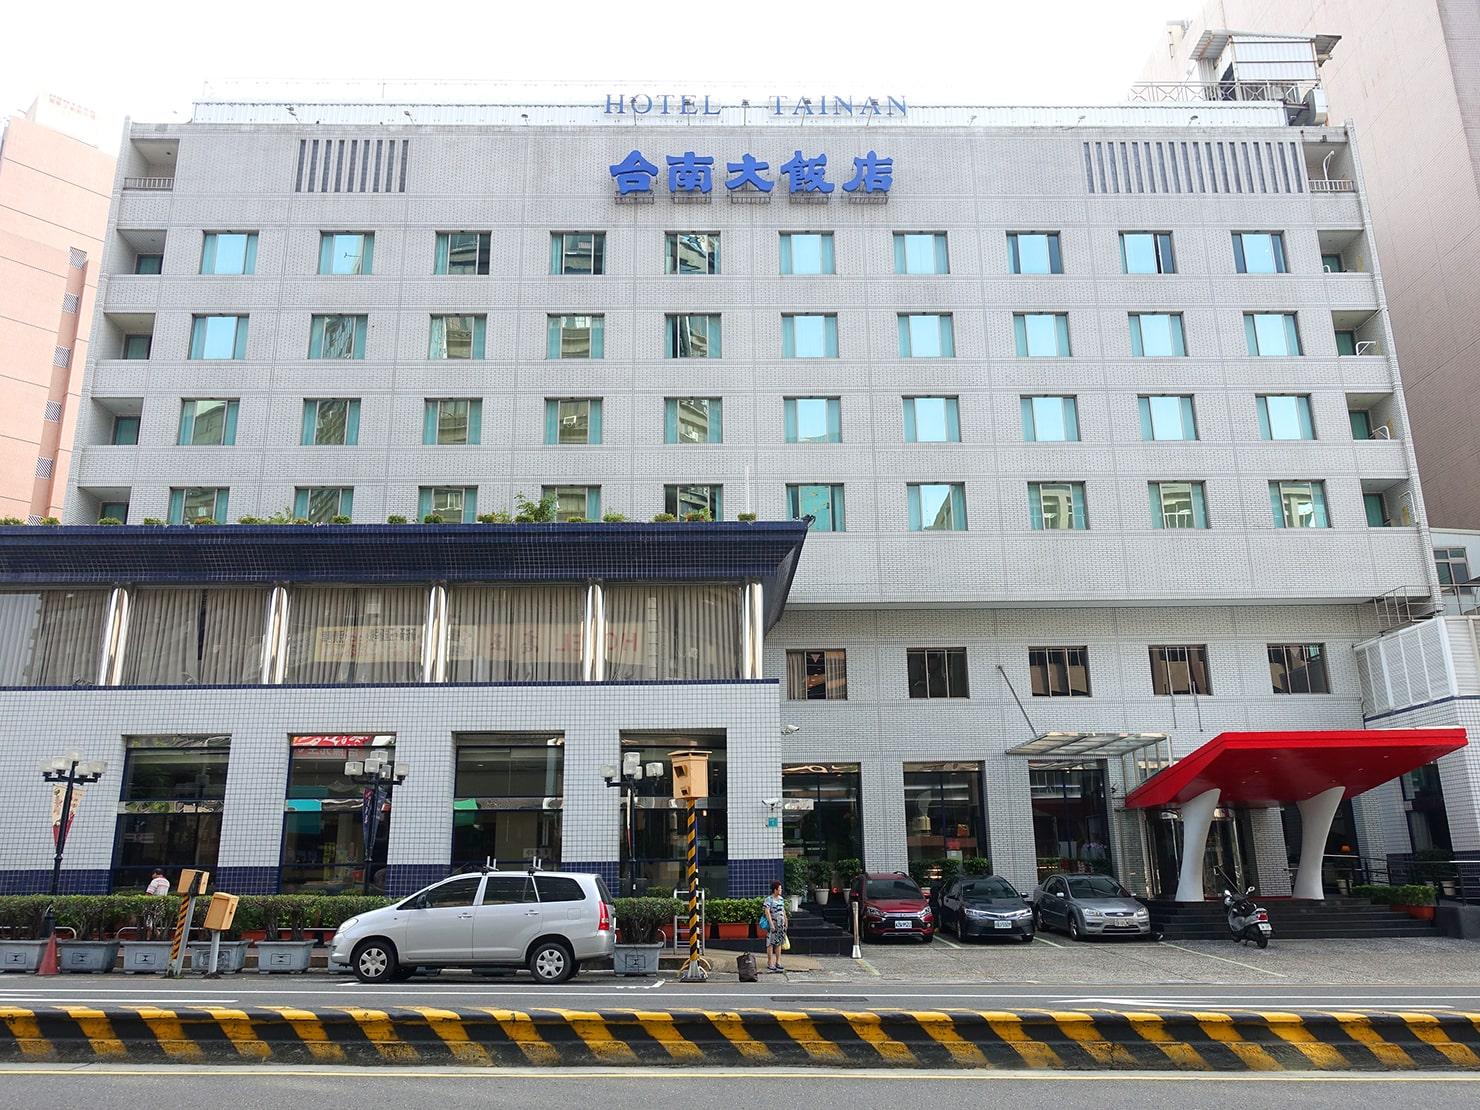 台南駅が目の前の老舗ホテル「台南大飯店 Hotel Tainan」の外観